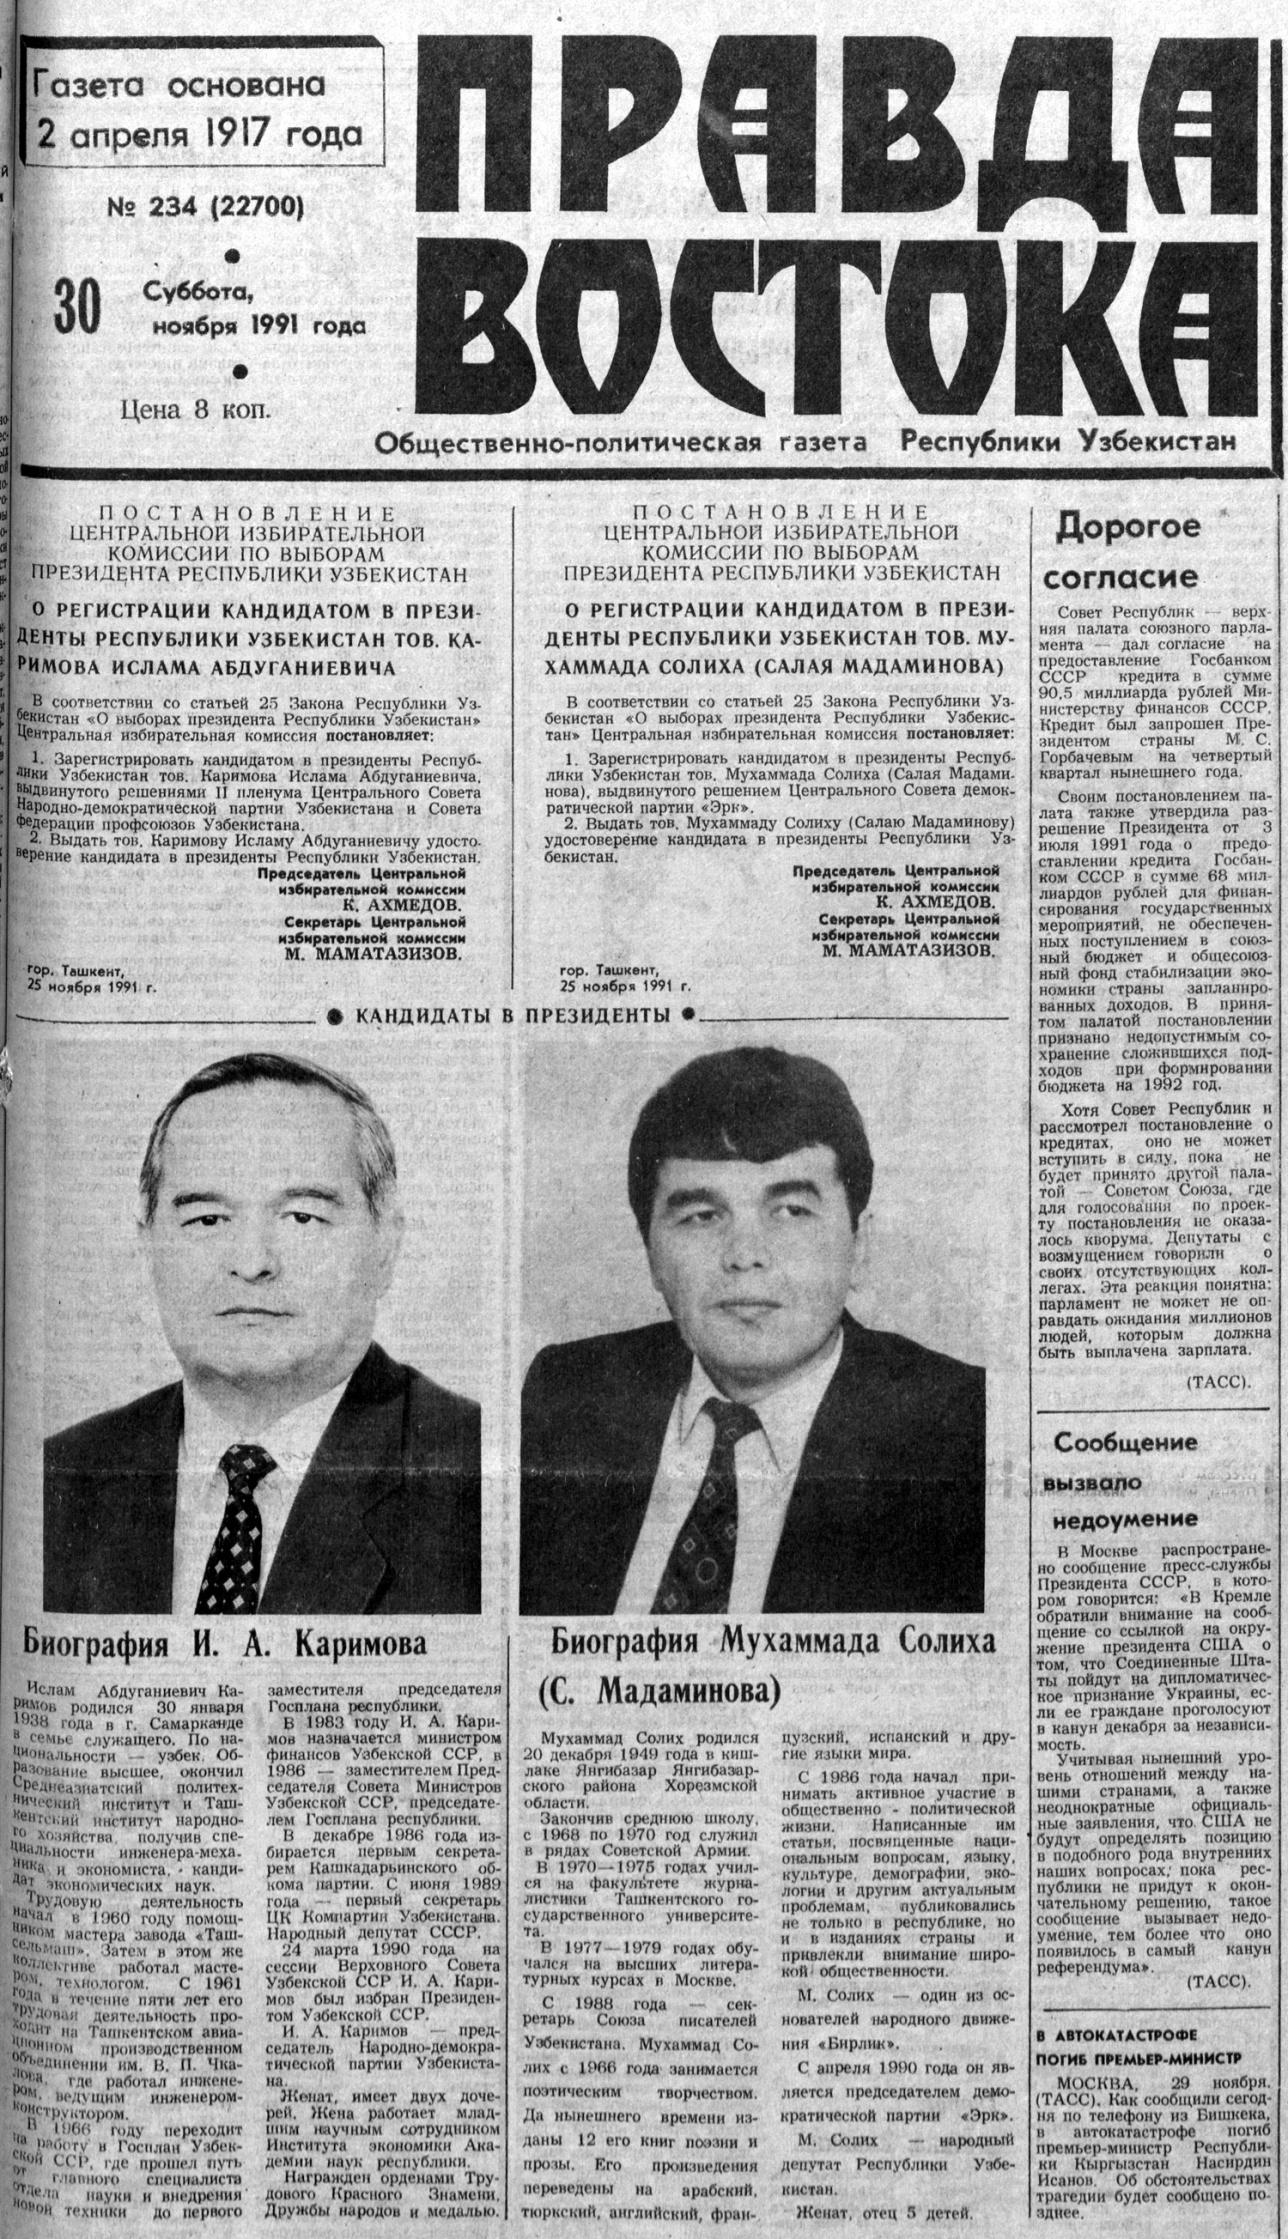 Кандидаты в президенты Узбекистана, предвыборная кампания 1991 года